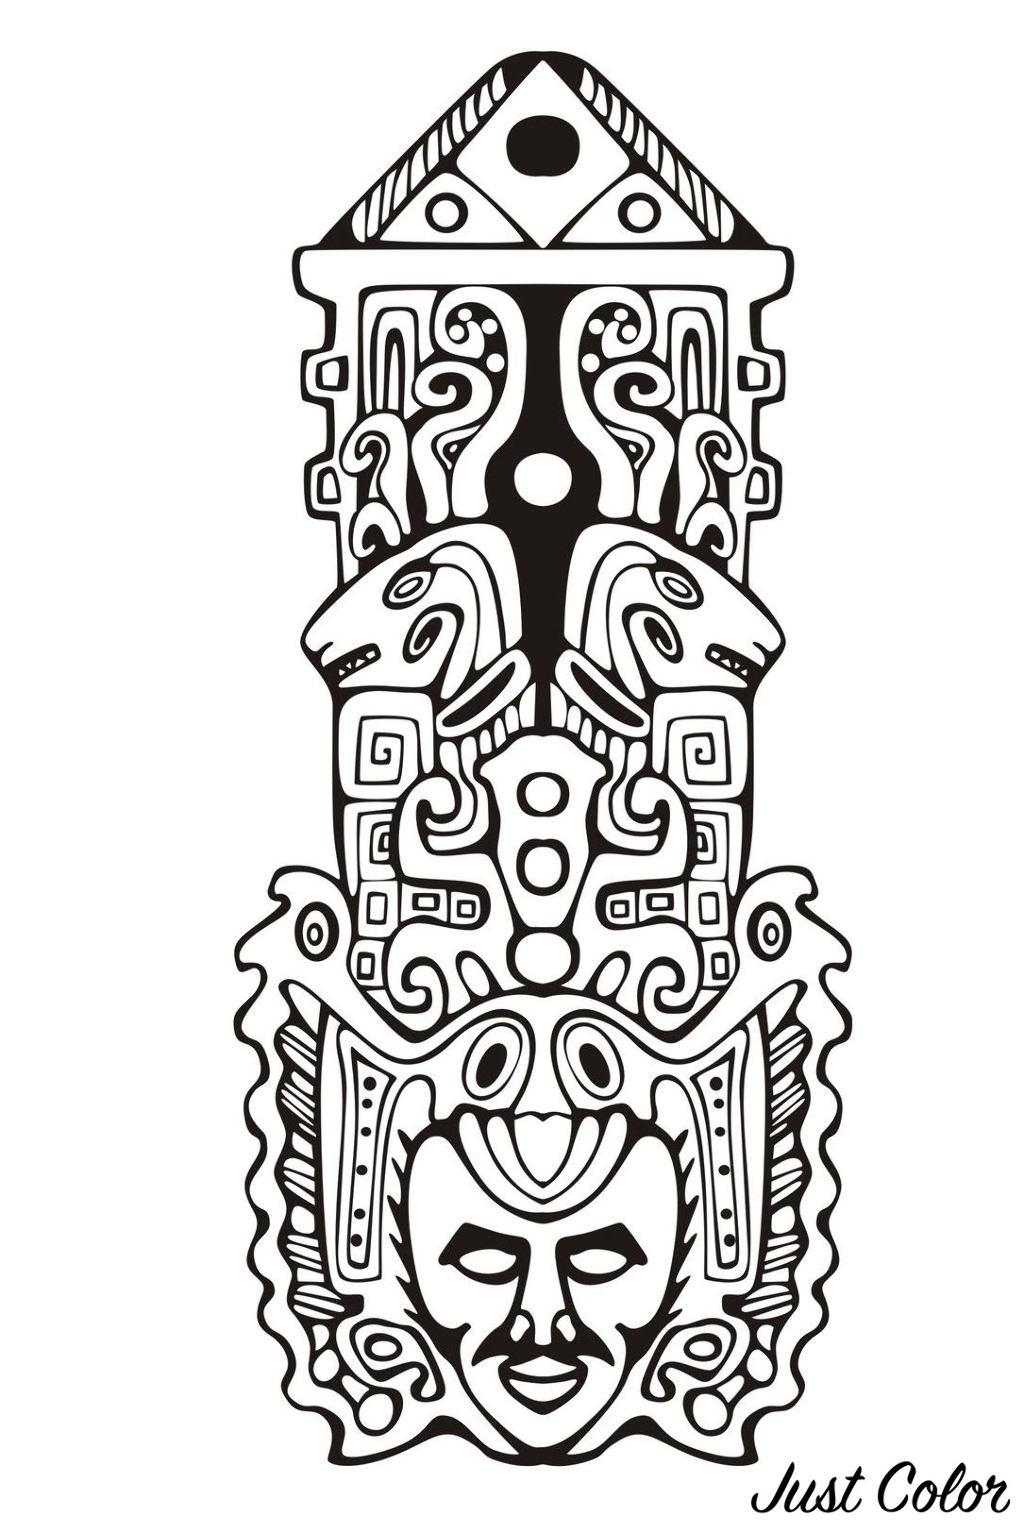 Colorear para adultos : Mayas, Aztecas e Incas - 12